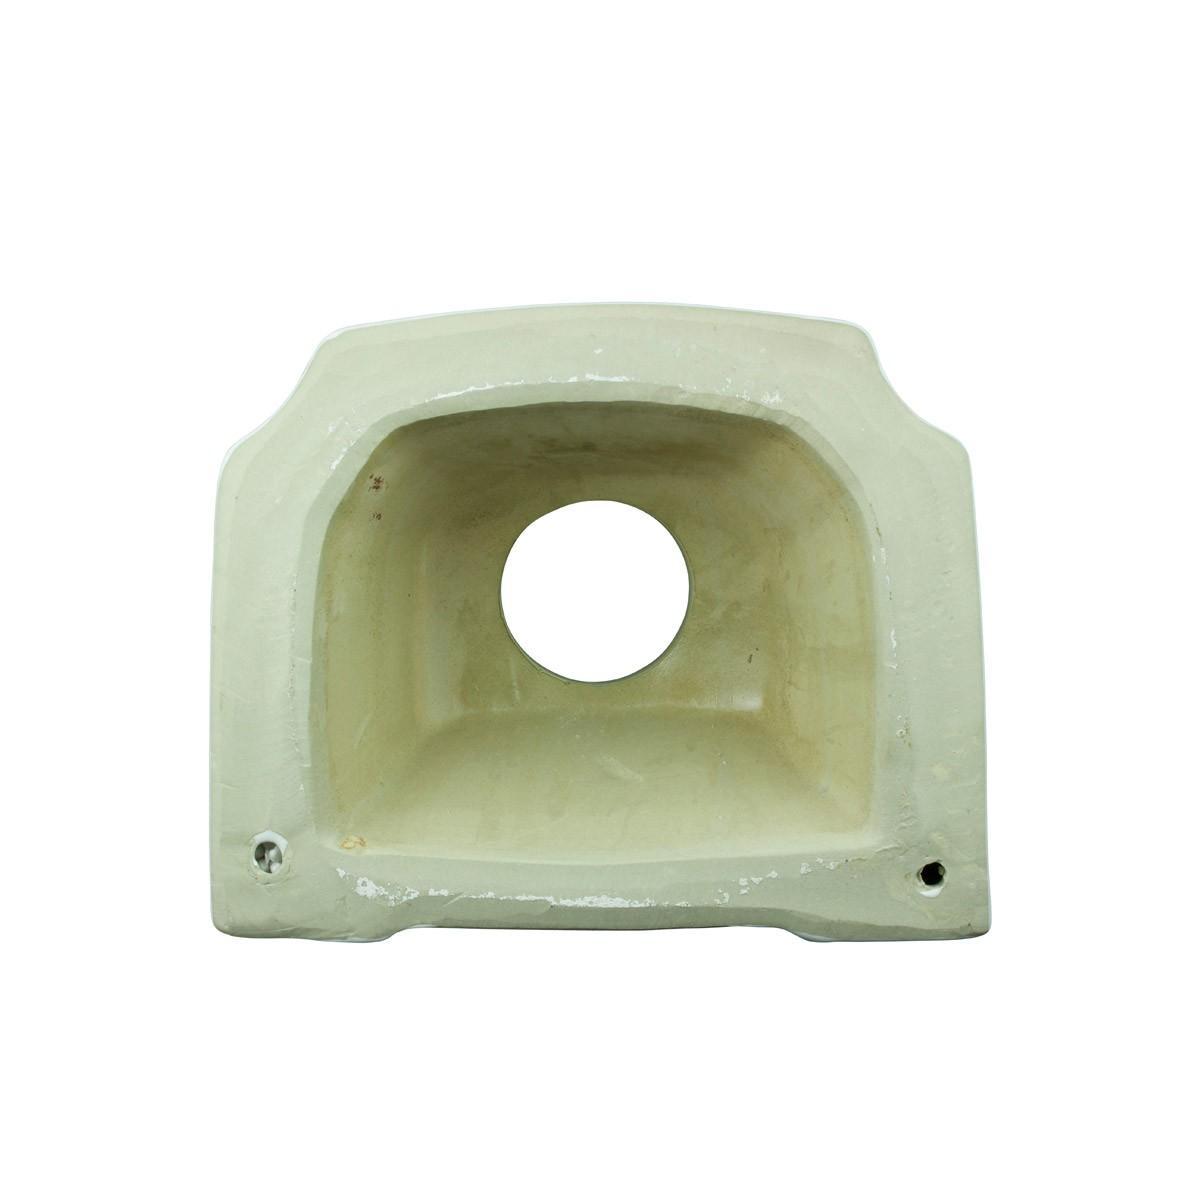 Pedestal Bathroom Sink White Porcelain Pedestal Only White Pedestal Only Glossy Pedestal Only Bathroom China Pedestal Only